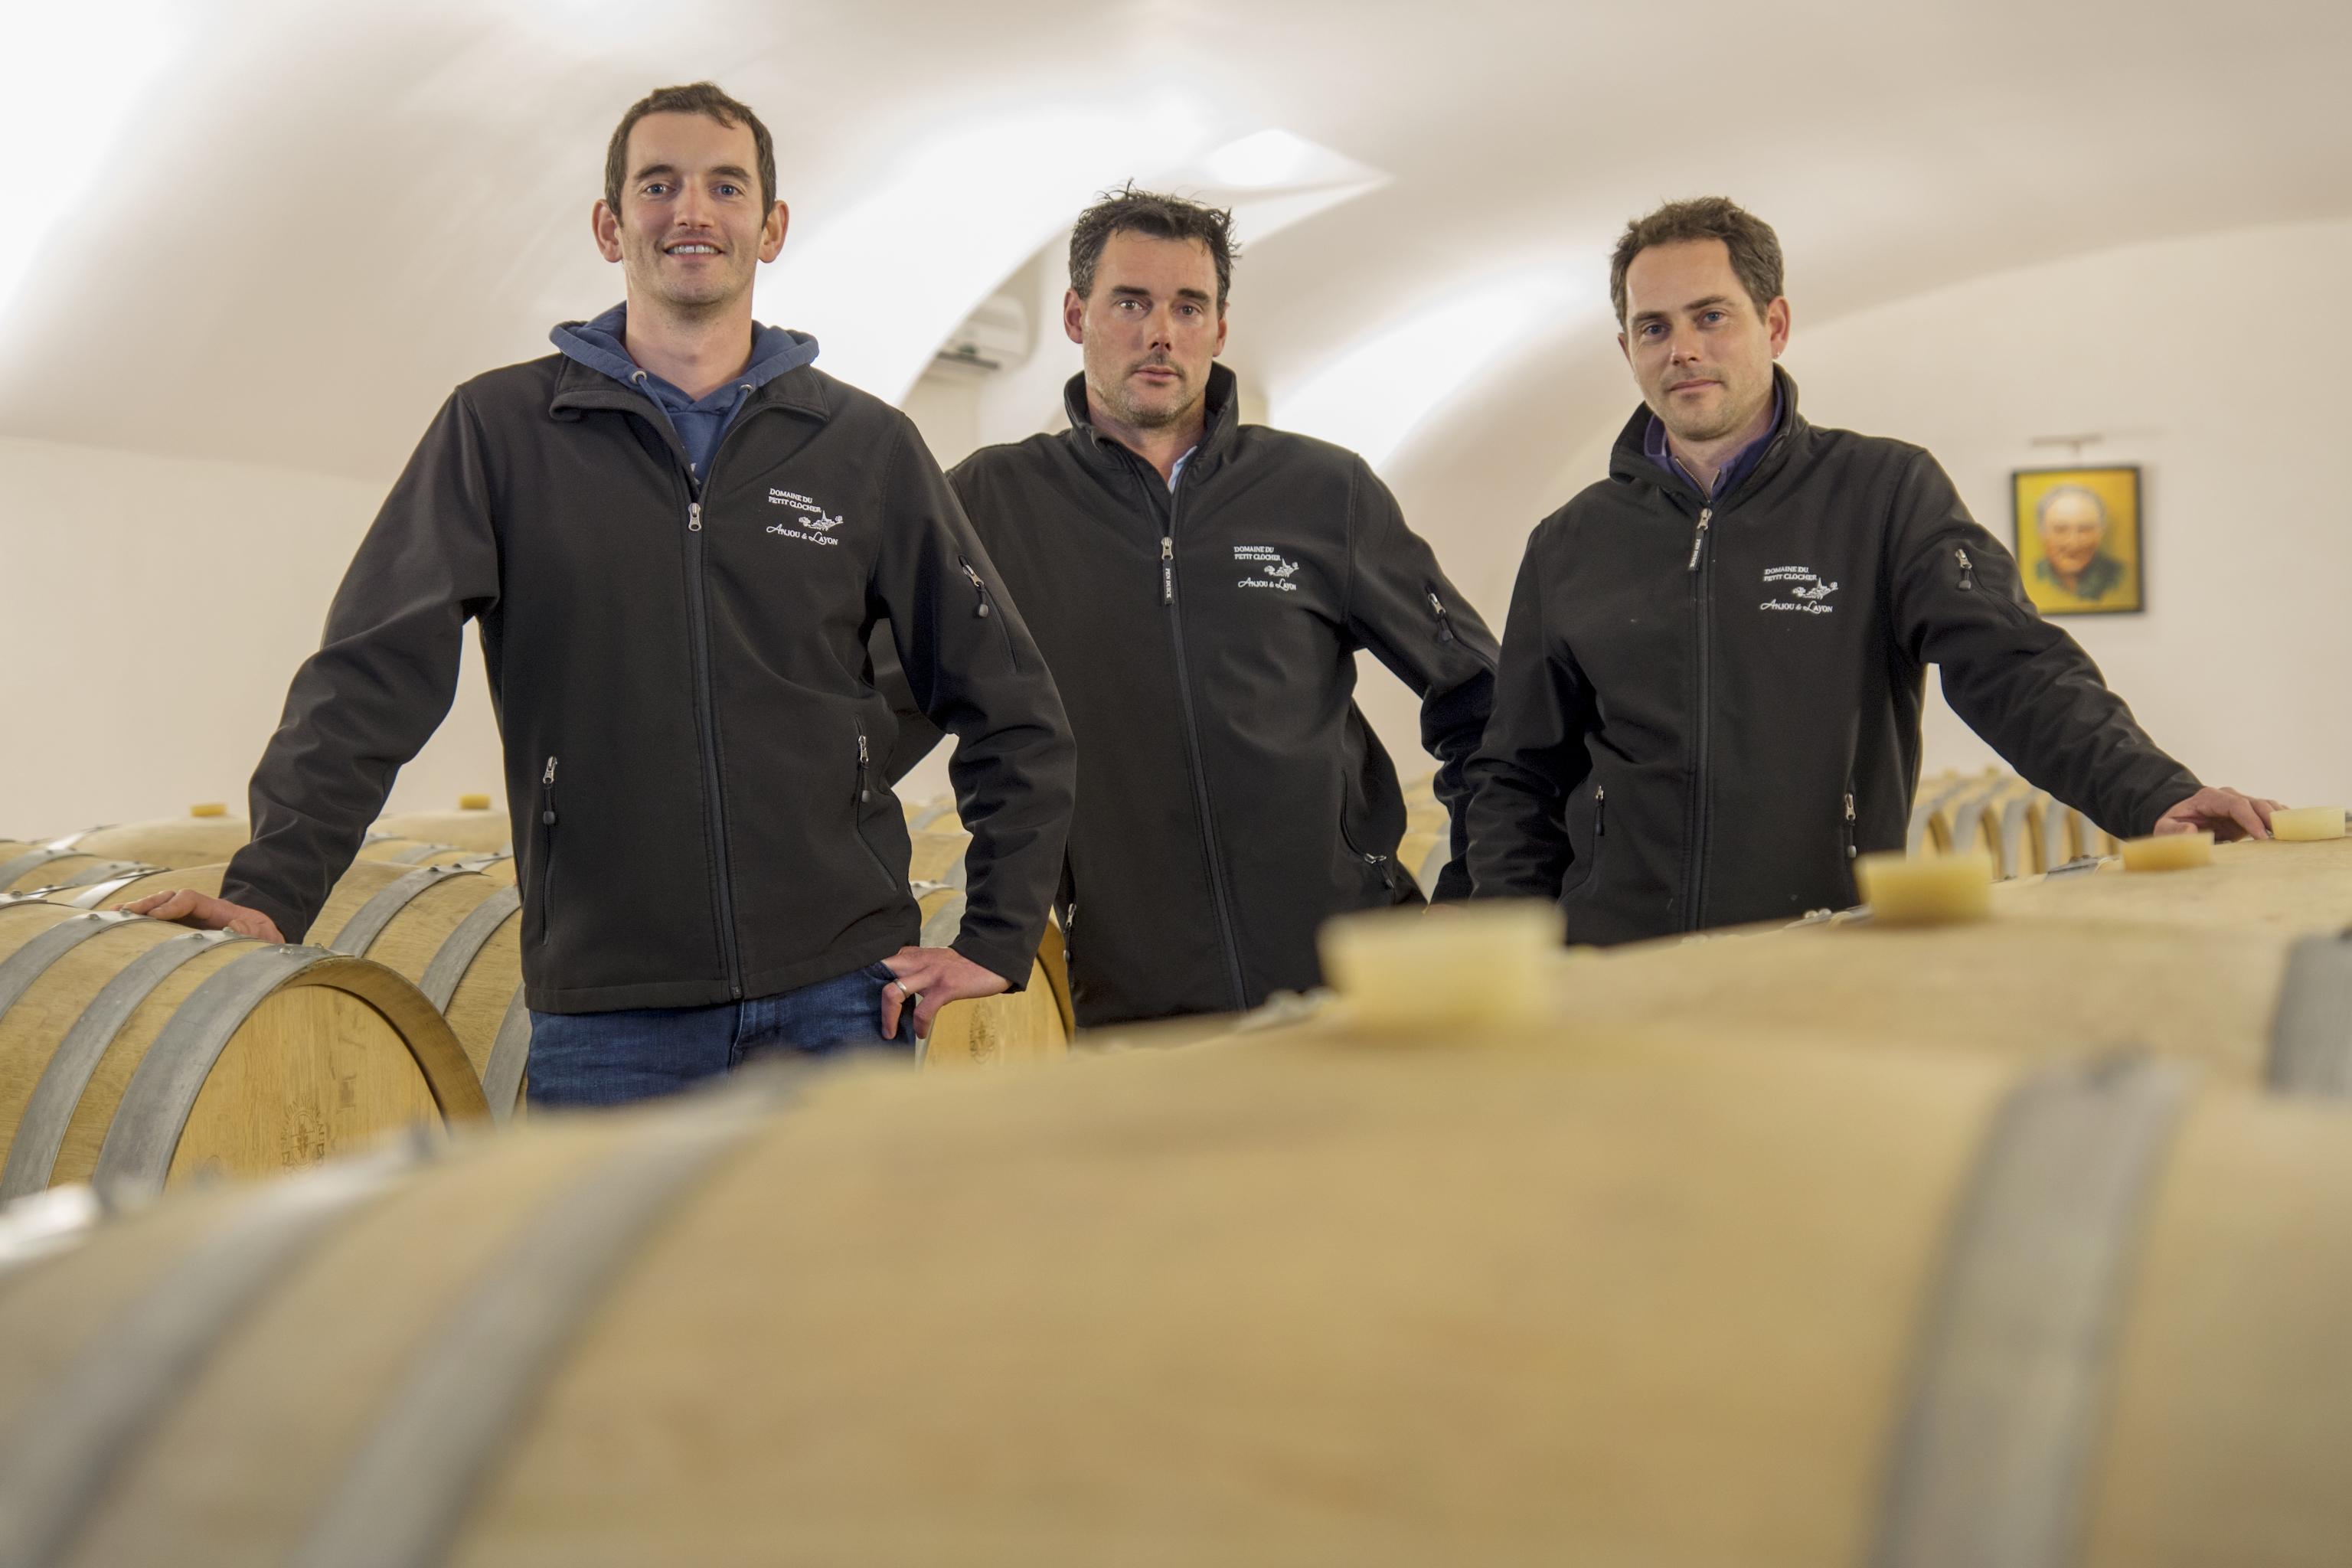 Caudalia wine Box agosto 2019 Francia Bodega Equipo